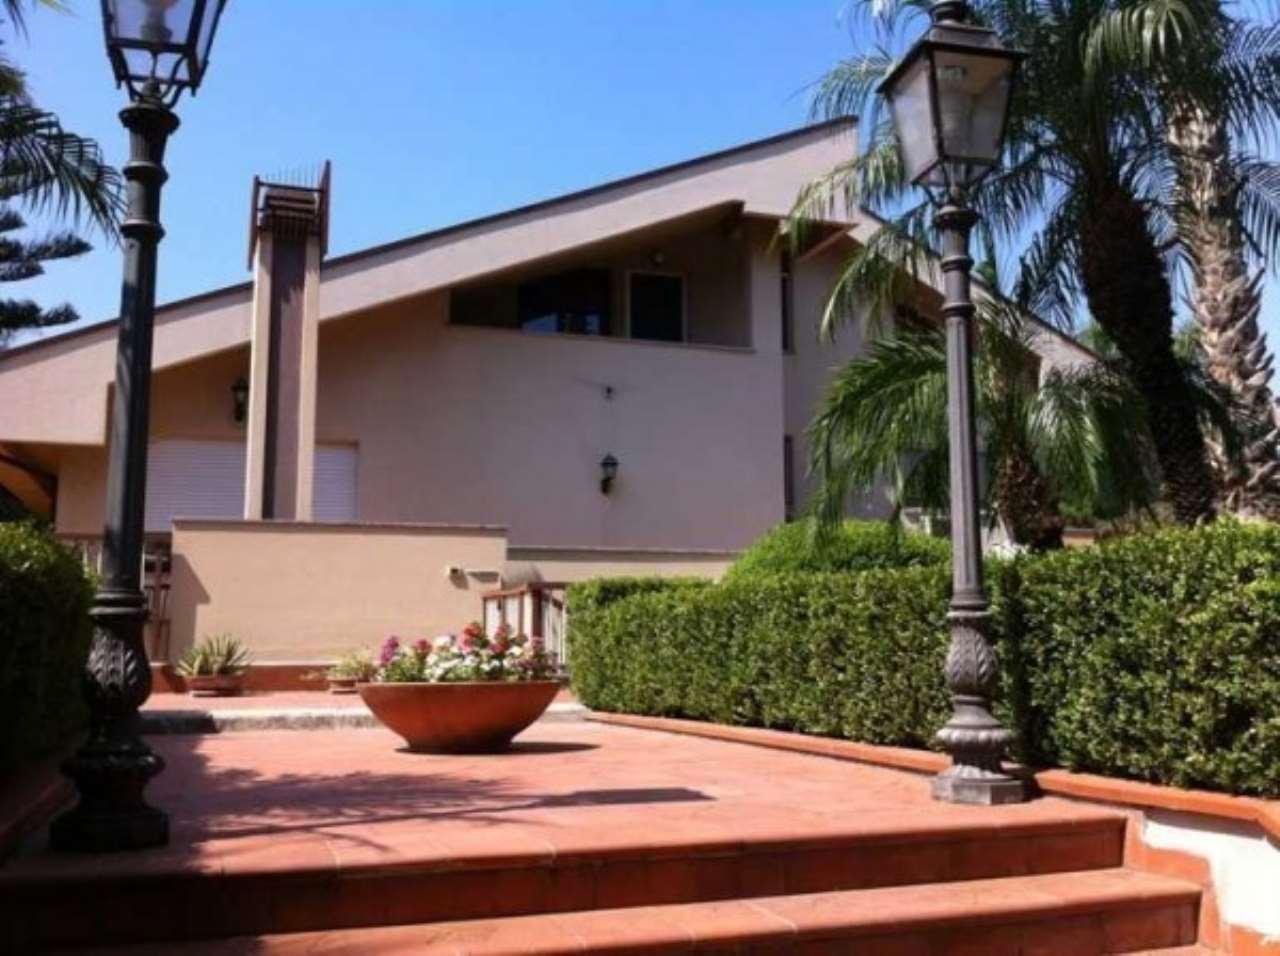 Casa Villa Borgonuovo Elenchi E Prezzi Di Vendita Waa2